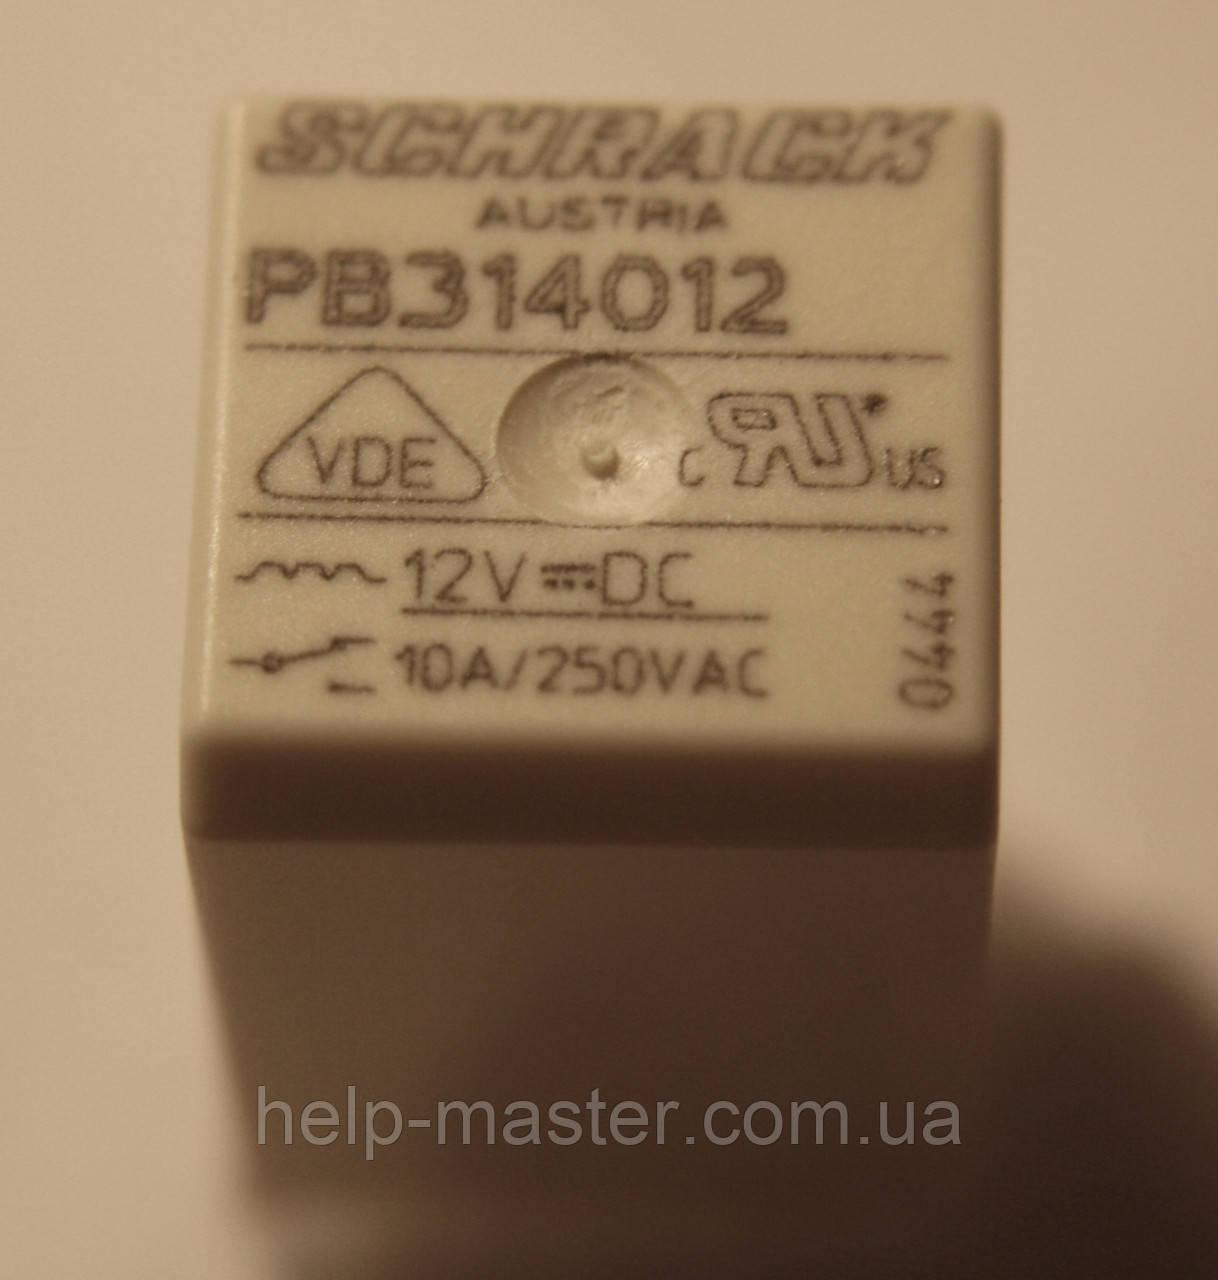 Реле электромеханическое  PB314012;  12VDC